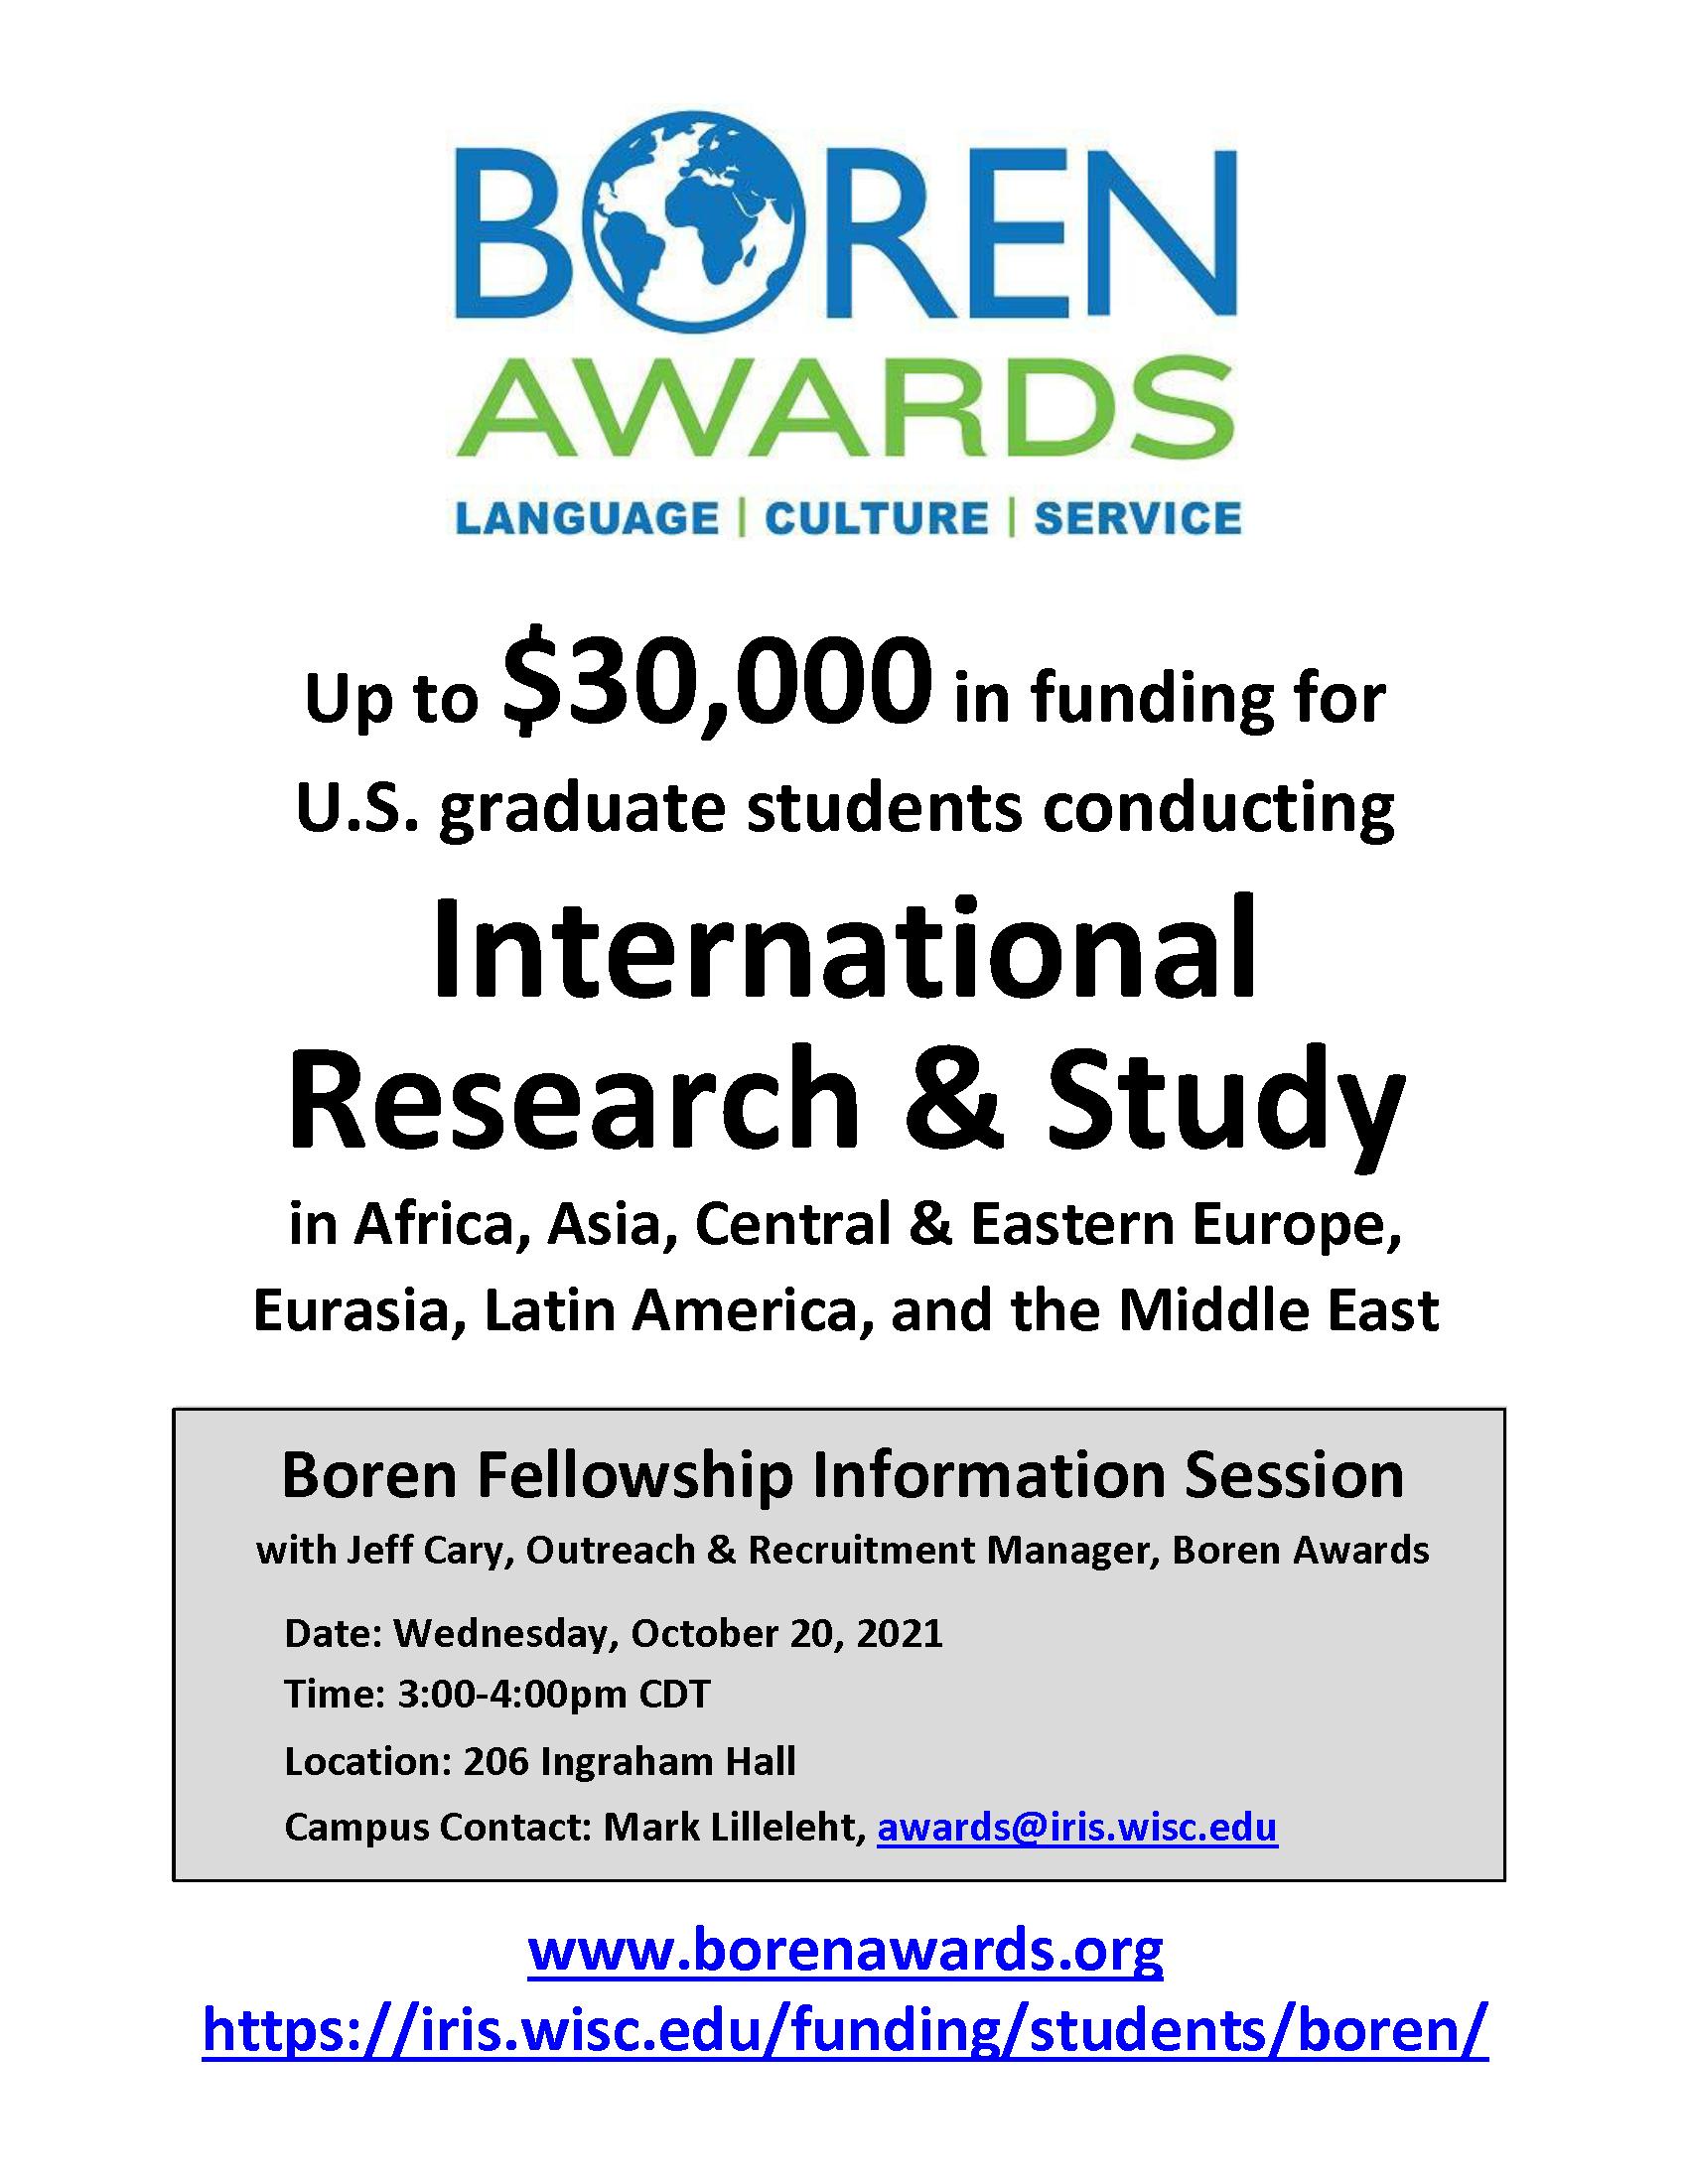 Boren Fellowships info session on October 20, 2021, 3pm